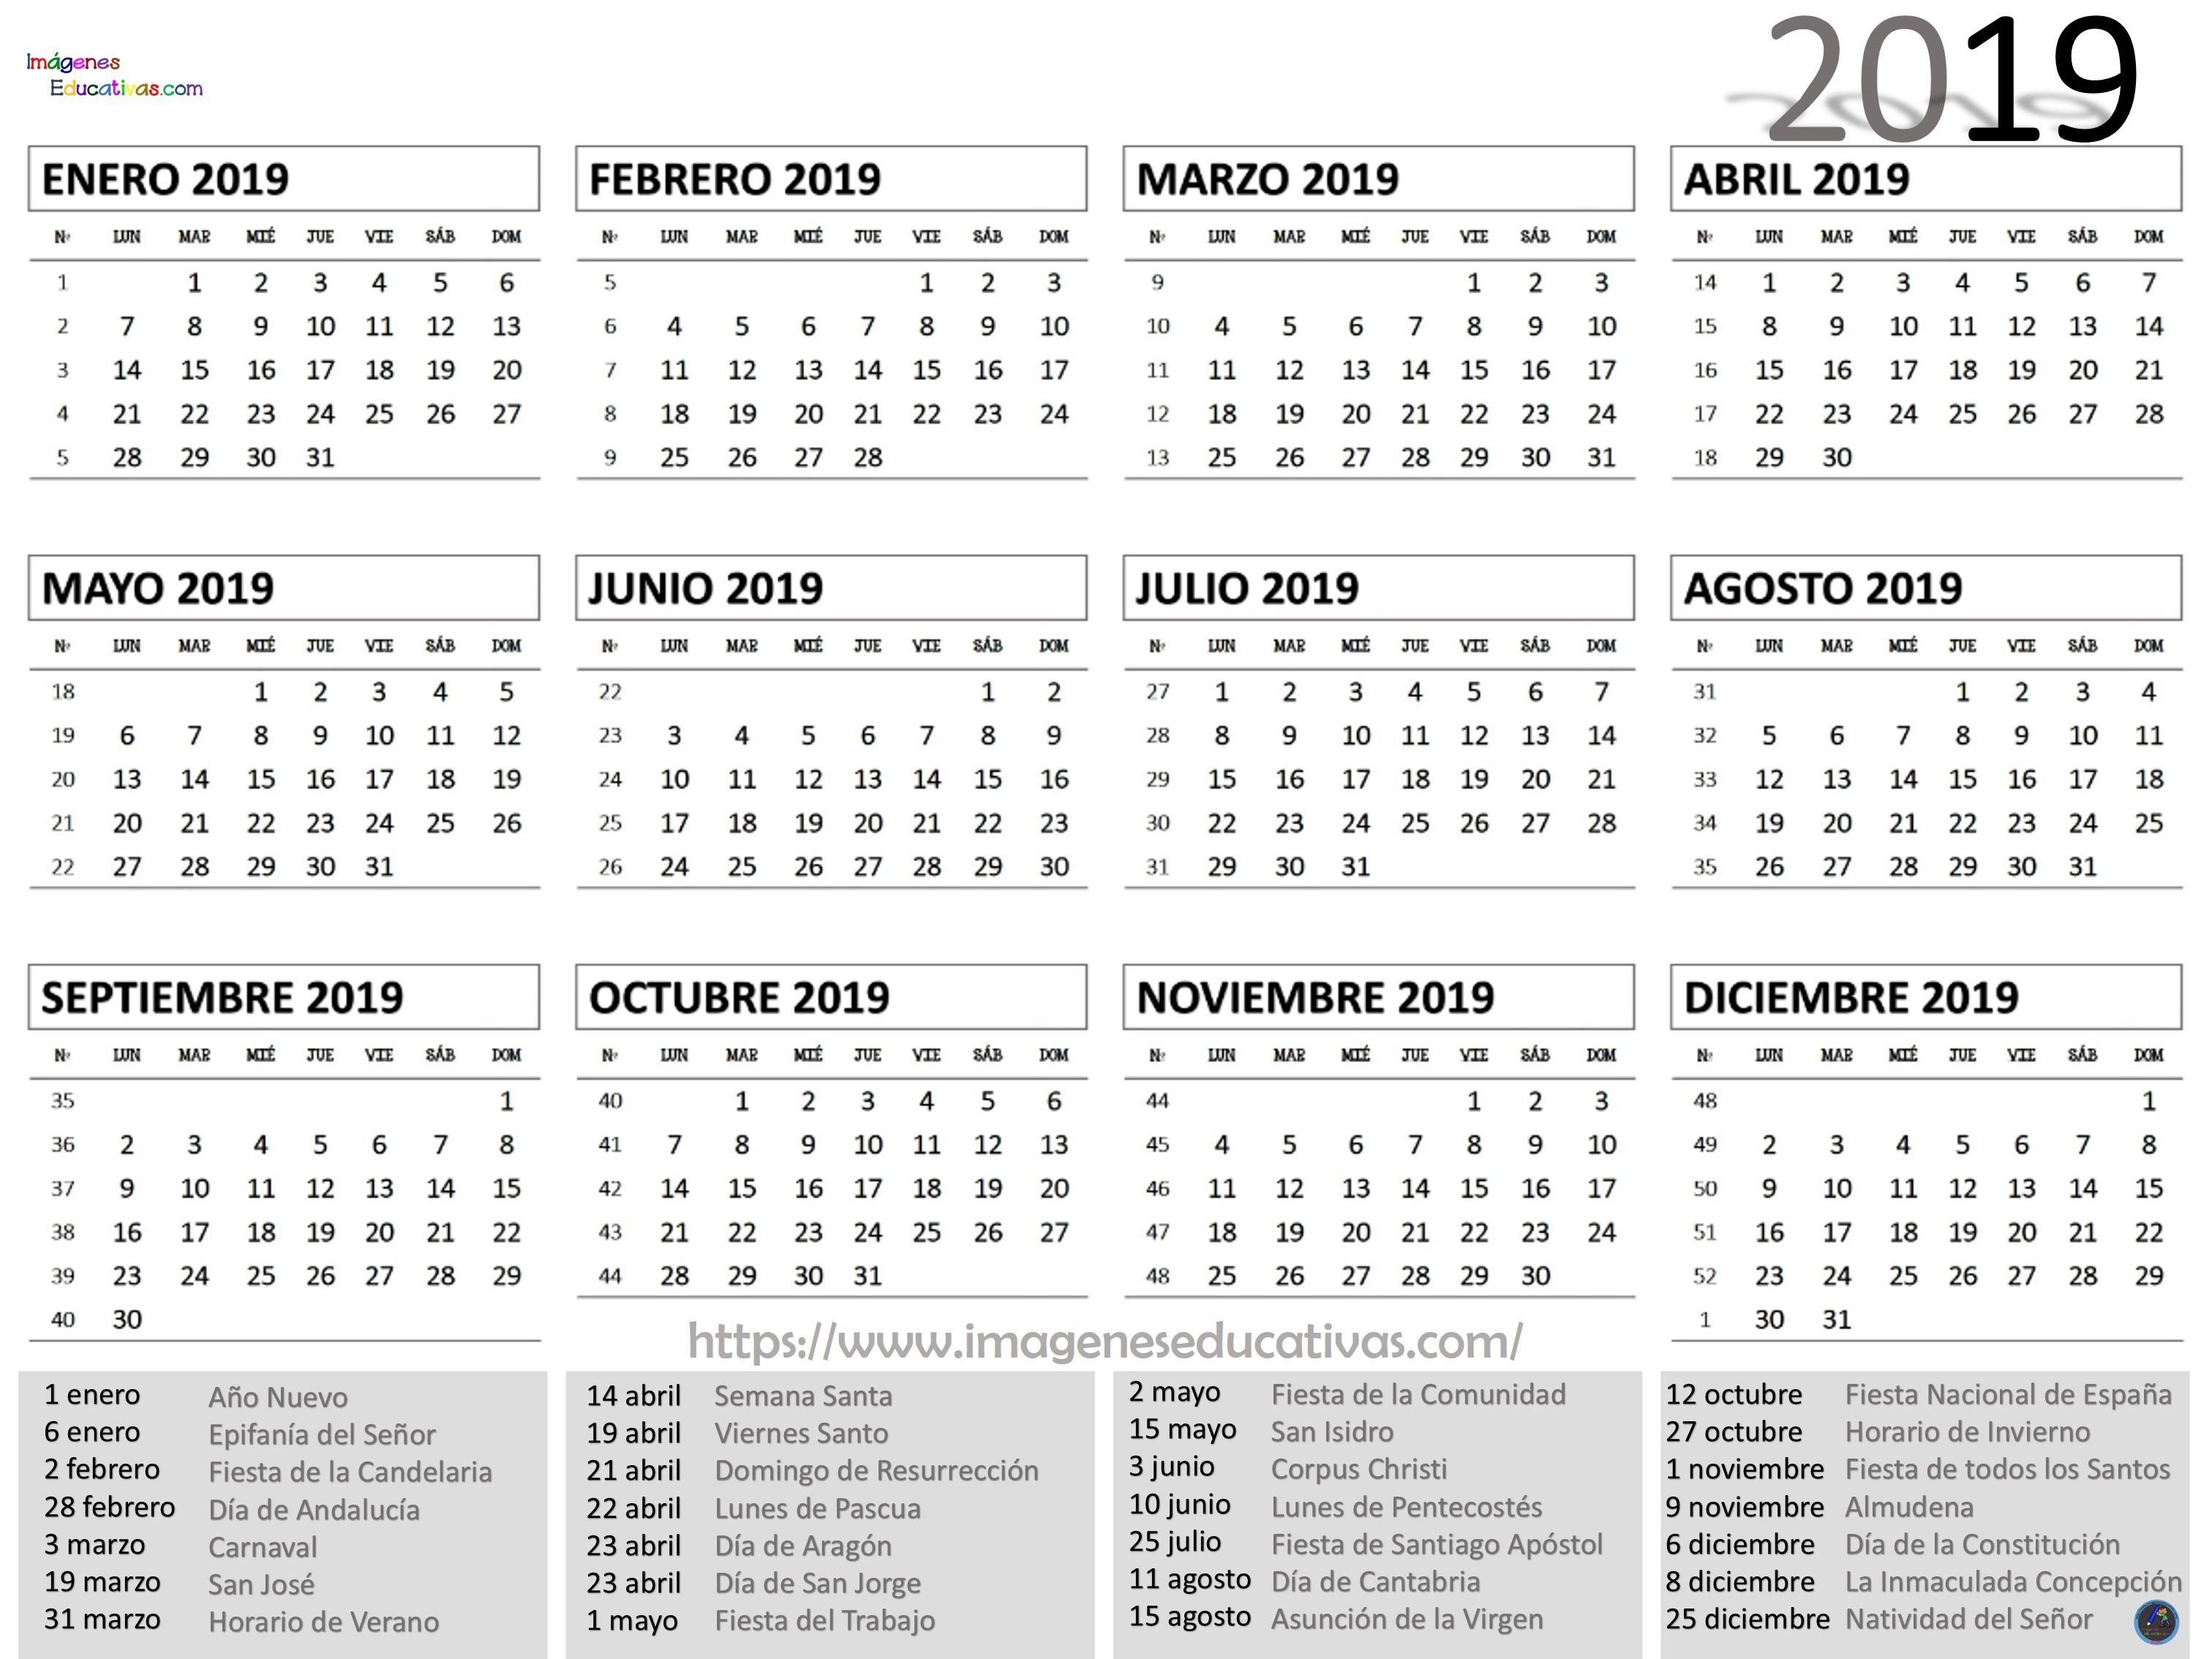 Calendario 2019 Chile Imprimir Excel Actual Noticias Calendario 2017 Para Imprimir Michelzbinden Of Calendario 2019 Chile Imprimir Excel Más Actual Calendario Abril 2019 Para Imprimir